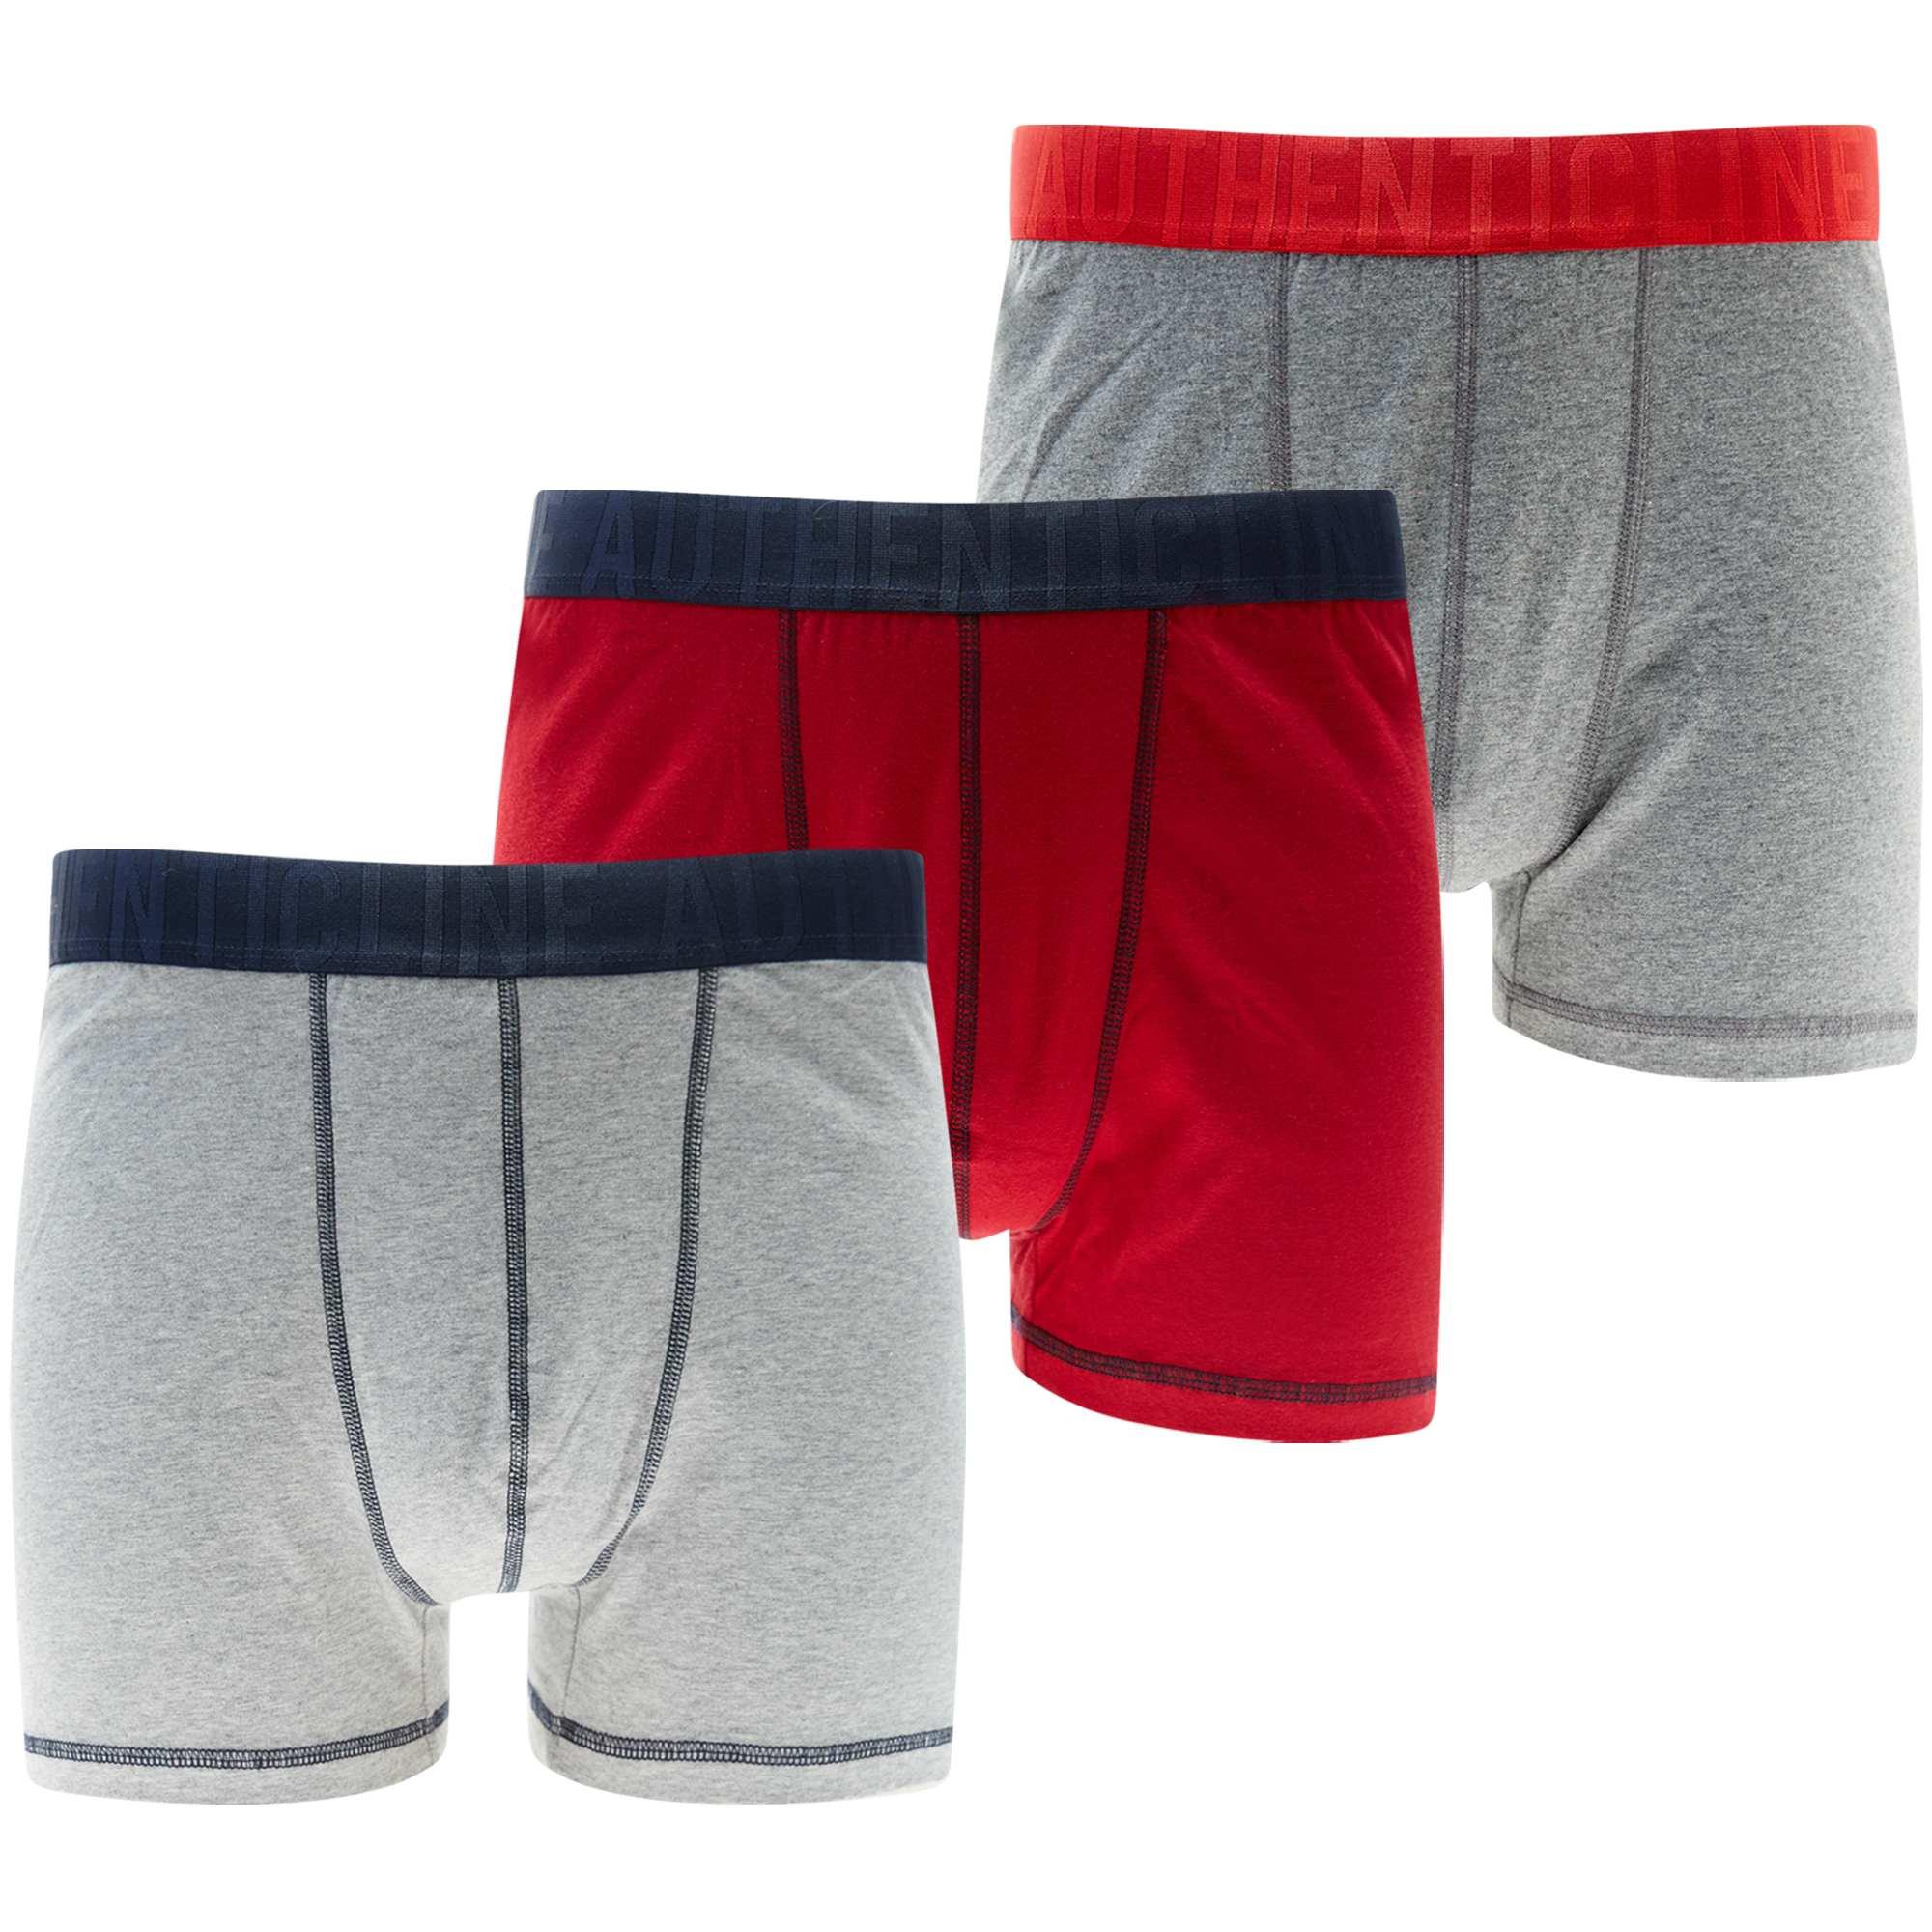 Couleur : gris/rouge, , ,, - Taille : 5XL, 3XL, 4XL,6XL,Lot de 3 boxers grande taille en maille chinée. - En coton stretch - Taille élastique